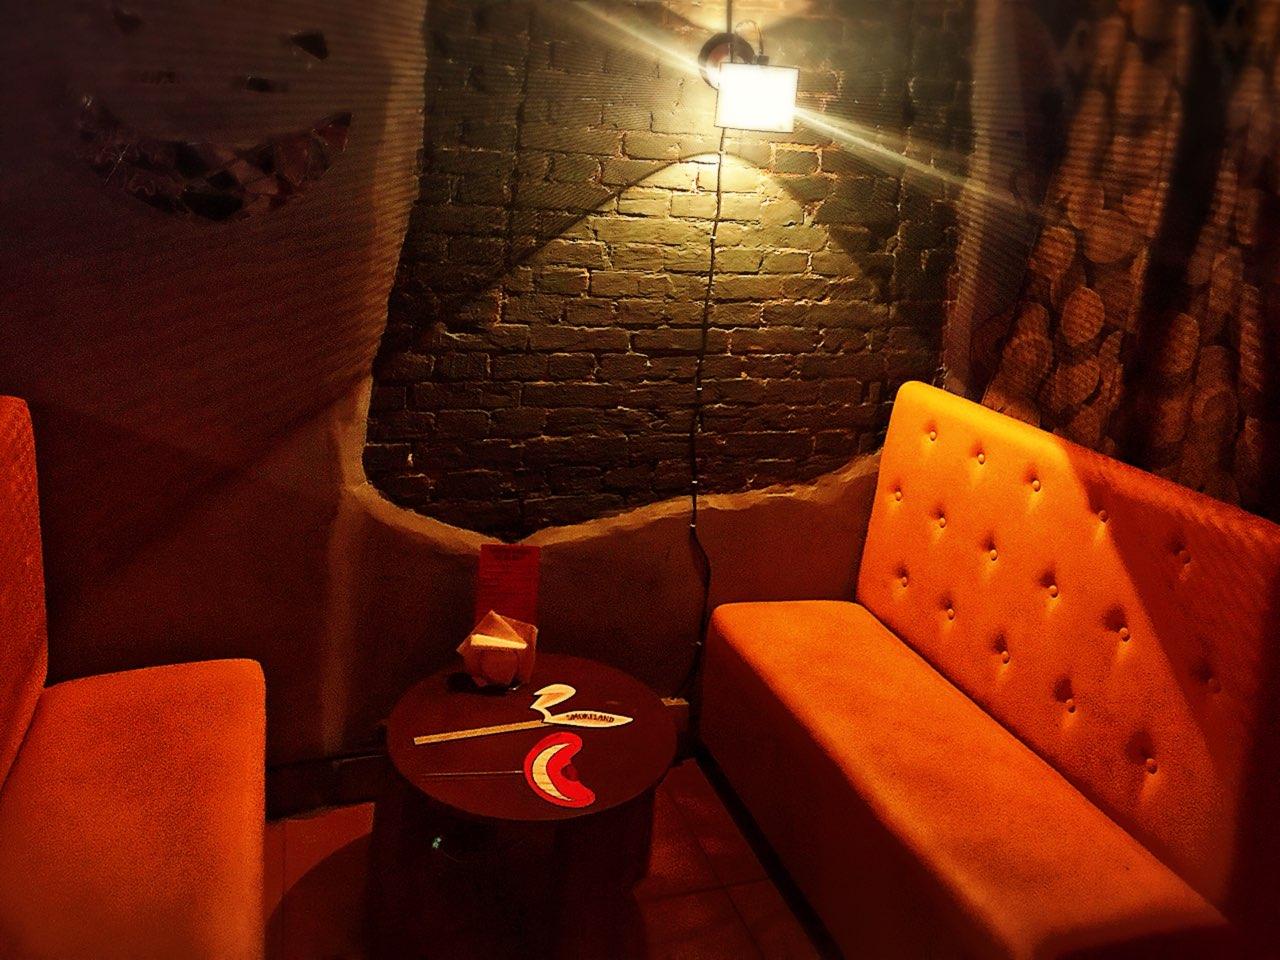 кальян бар киев, где покурить кальян киев, начало лета киев, вечеринка киев, лучший кальян киев, кальянная киев (6)